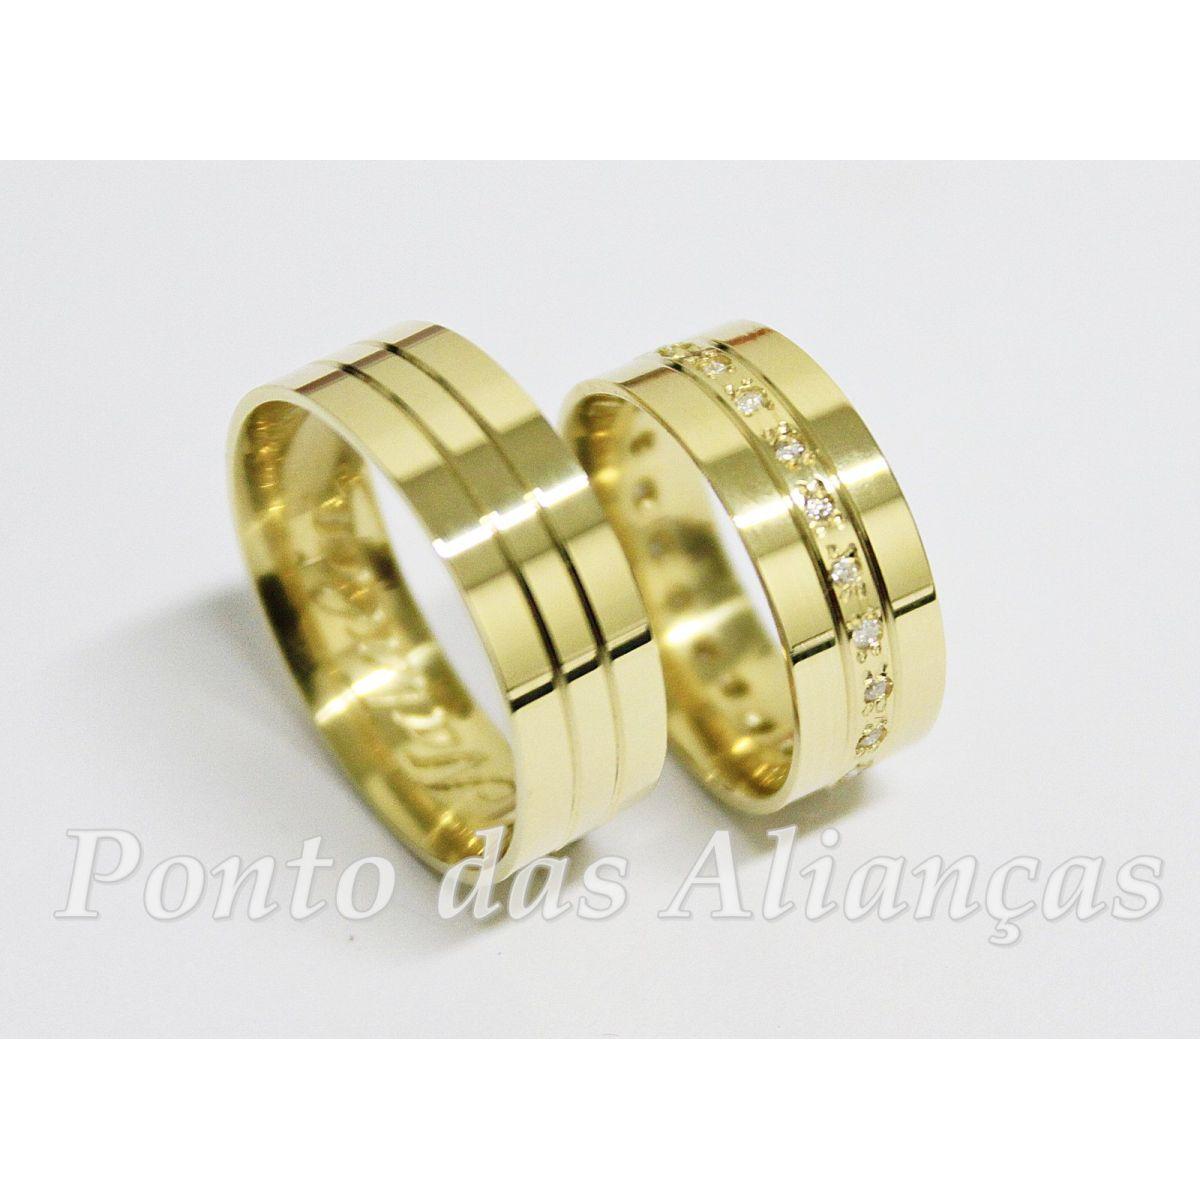 Alianças de Ouro Casamento ou Noivado -  562